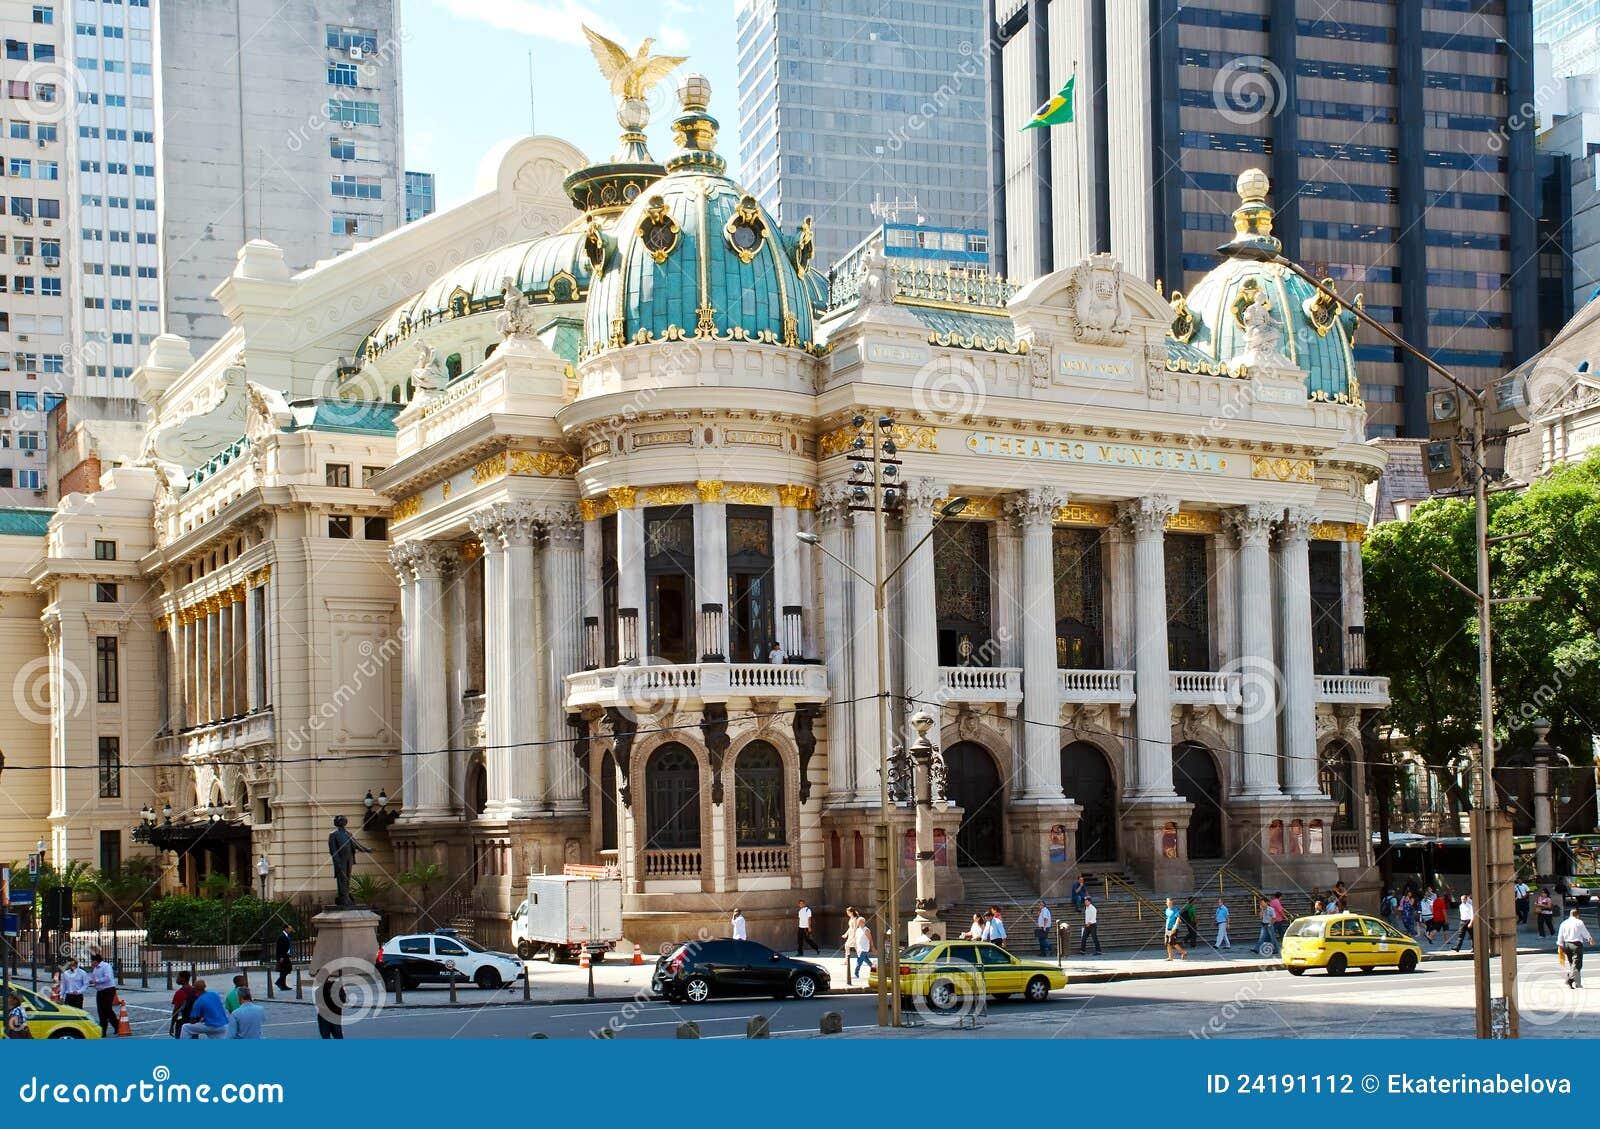 The Municipal Theatre in Rio de Janeiro